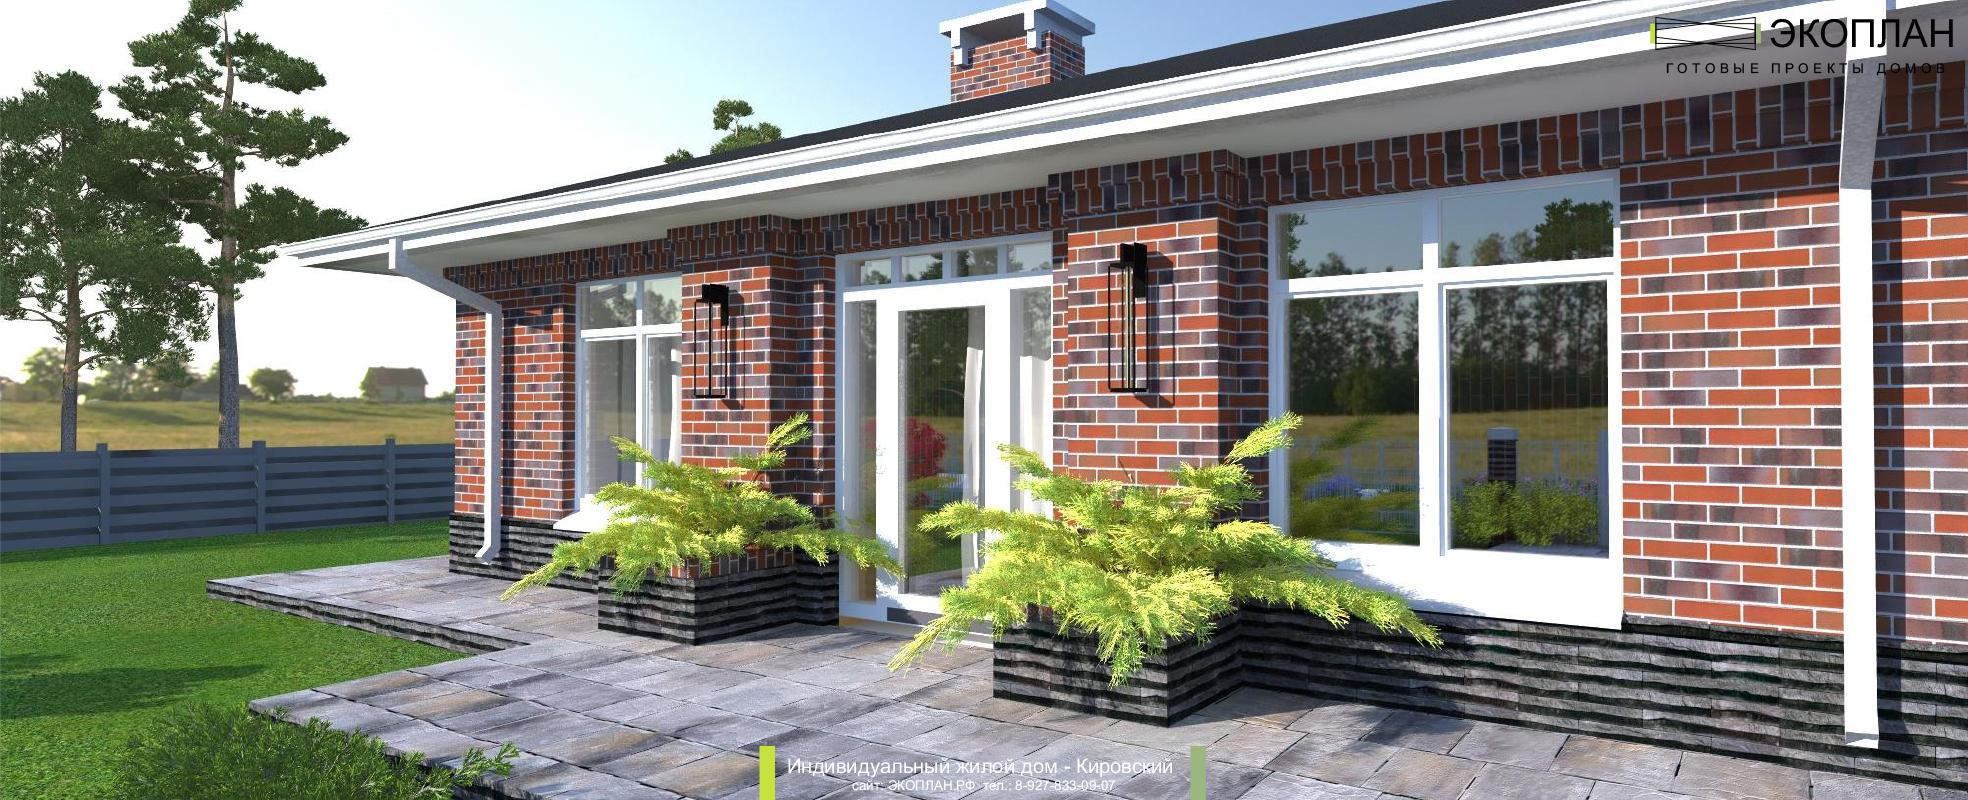 Готовый проект дома - Кировский фасад